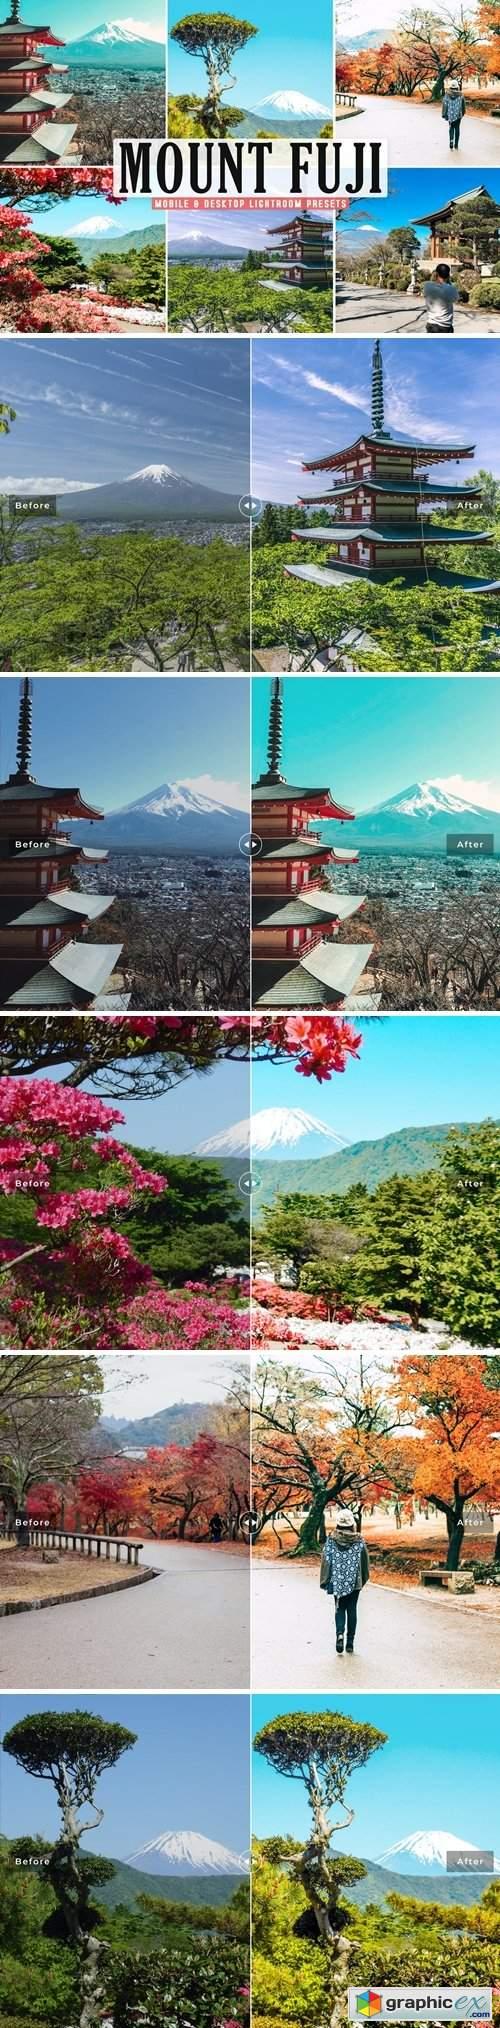 Mount Fuji Mobile & Desktop Lightroom Presets